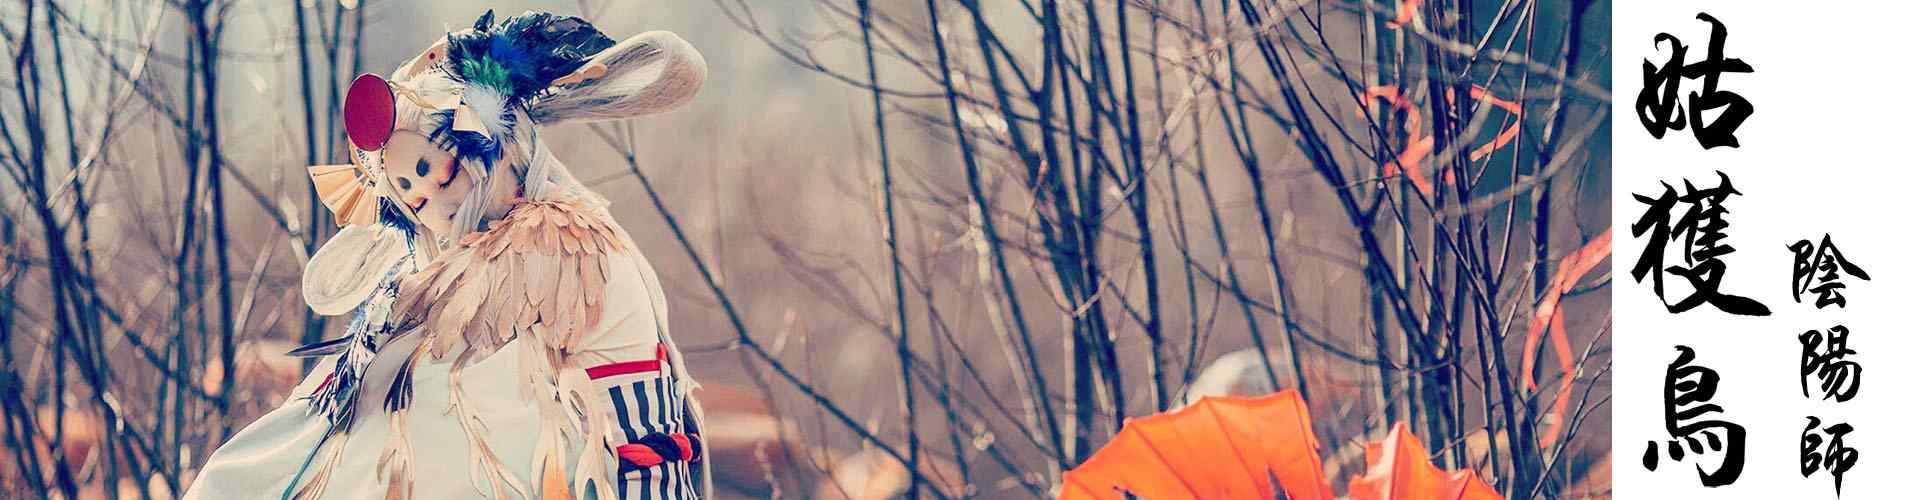 阴阳师姑获鸟_阴阳师姑获鸟图片_姑获鸟觉醒图片壁纸_姑获鸟金鸾鹤羽图片_阴阳师游戏壁纸